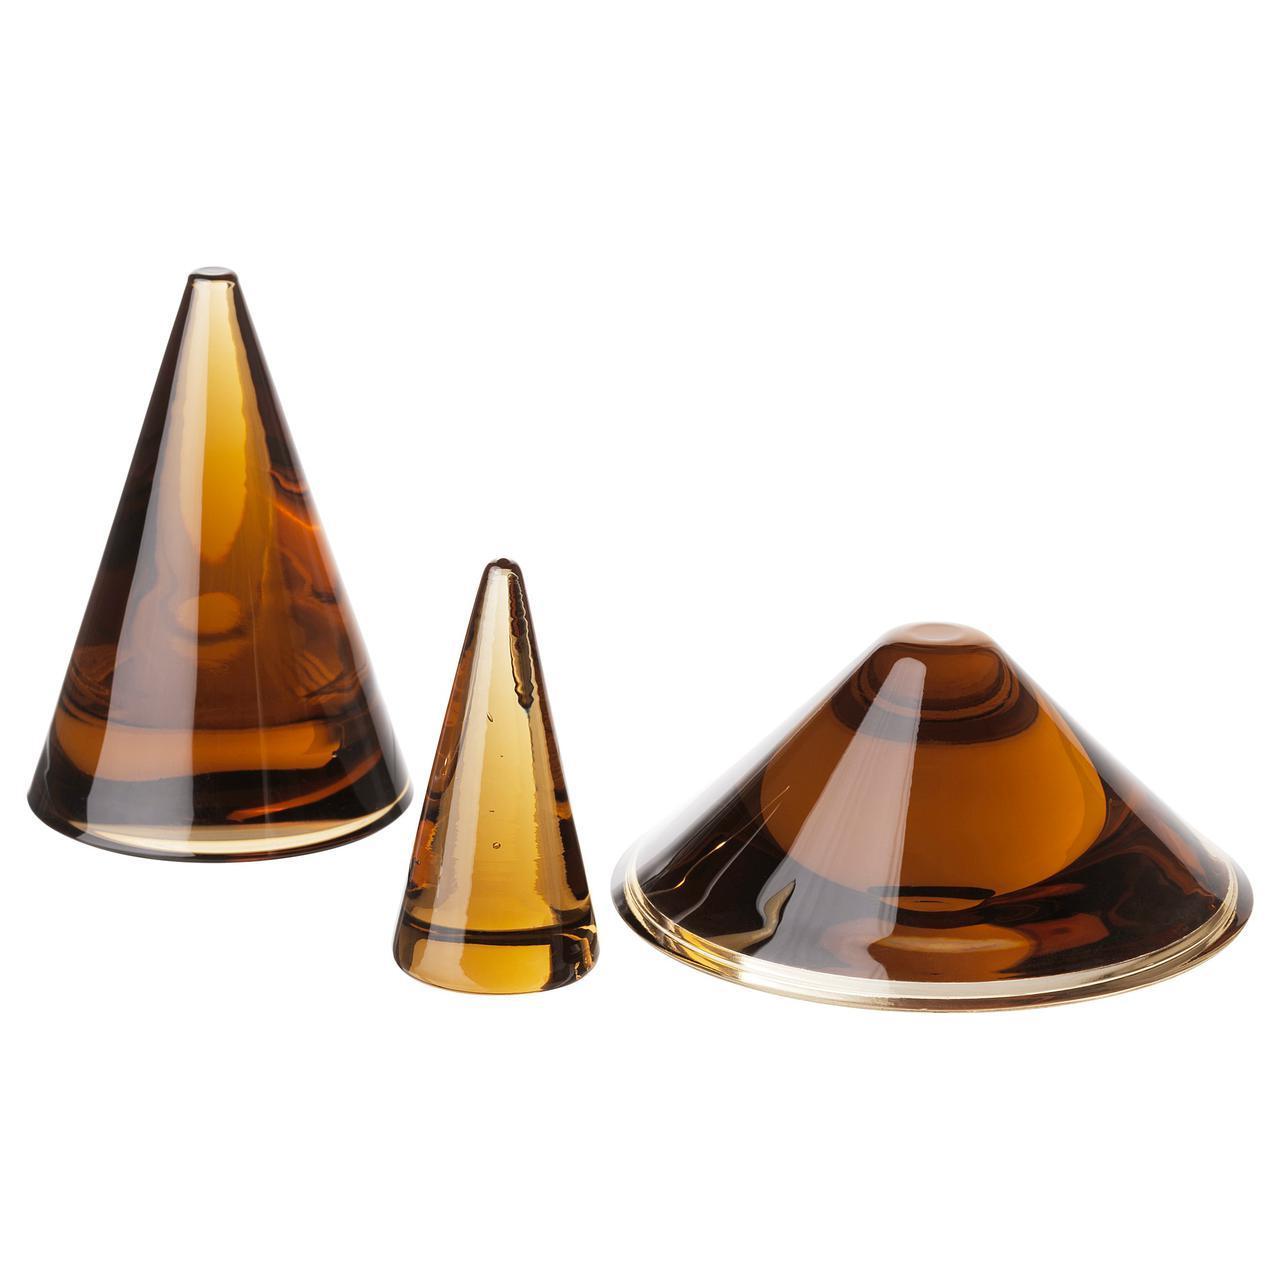 IKEA HJARTELIG (204.063.44) Ювелирный конус, набор из 3 штук, медовый коричневый